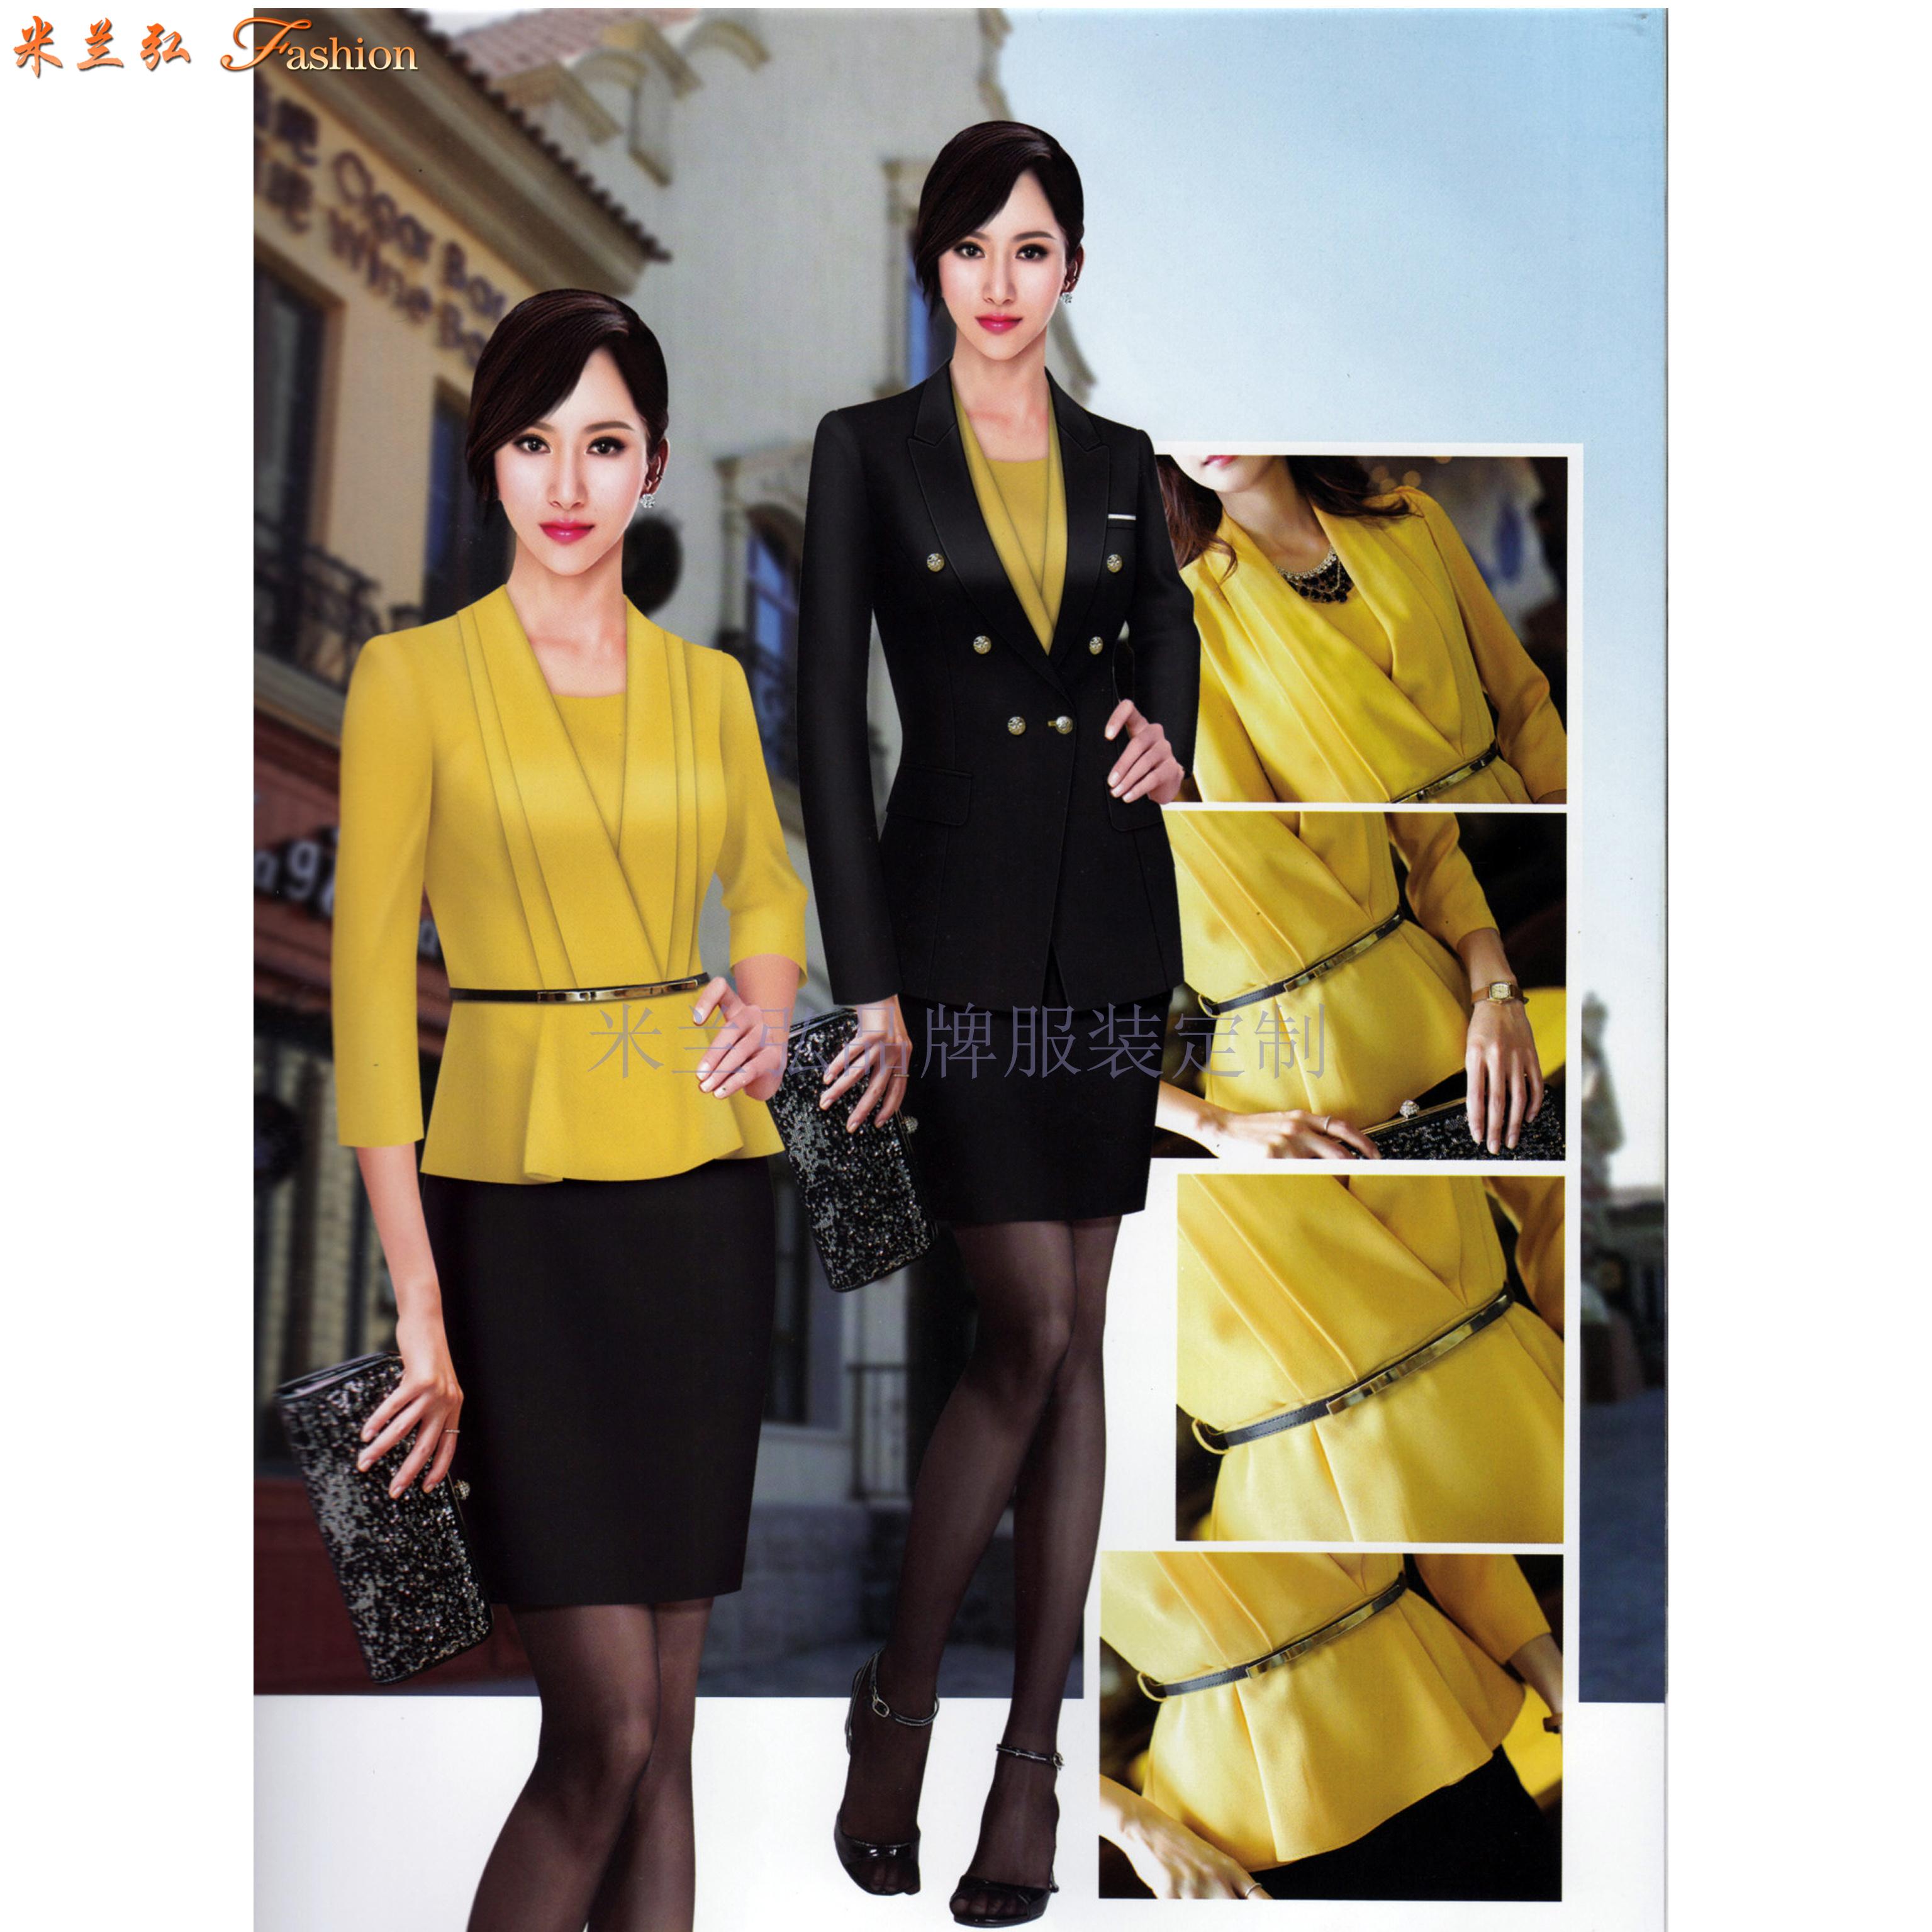 北京高端职业装定制品牌-米兰弘公司设计制作职业装新款女装图片-5